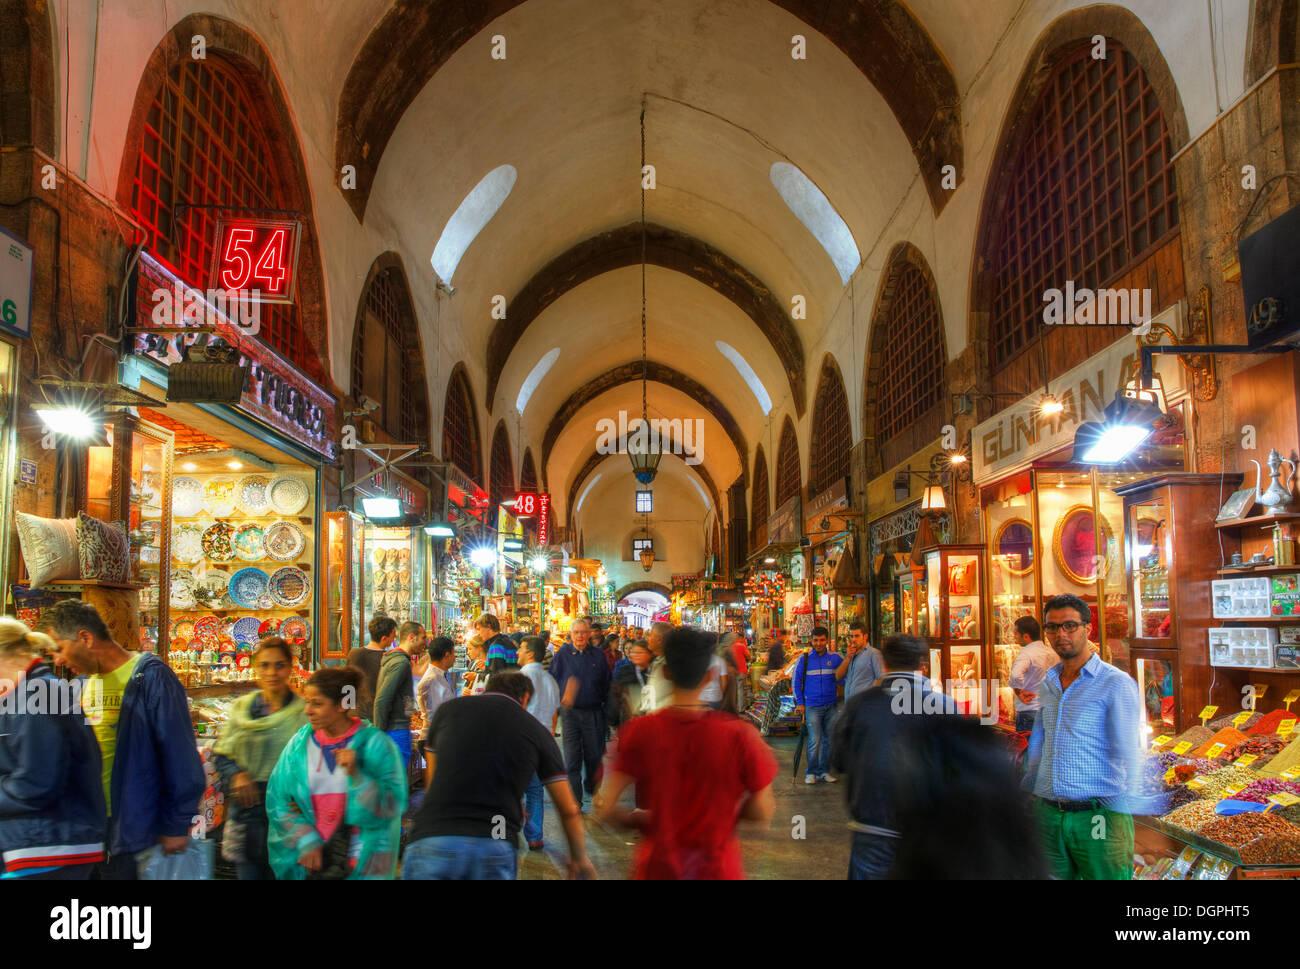 Egyptian Bazaar or Spice Bazaar, Mısır Çarşısı, Eminönü, Istanbul, European side, Istanbul Province, Turkey - Stock Image